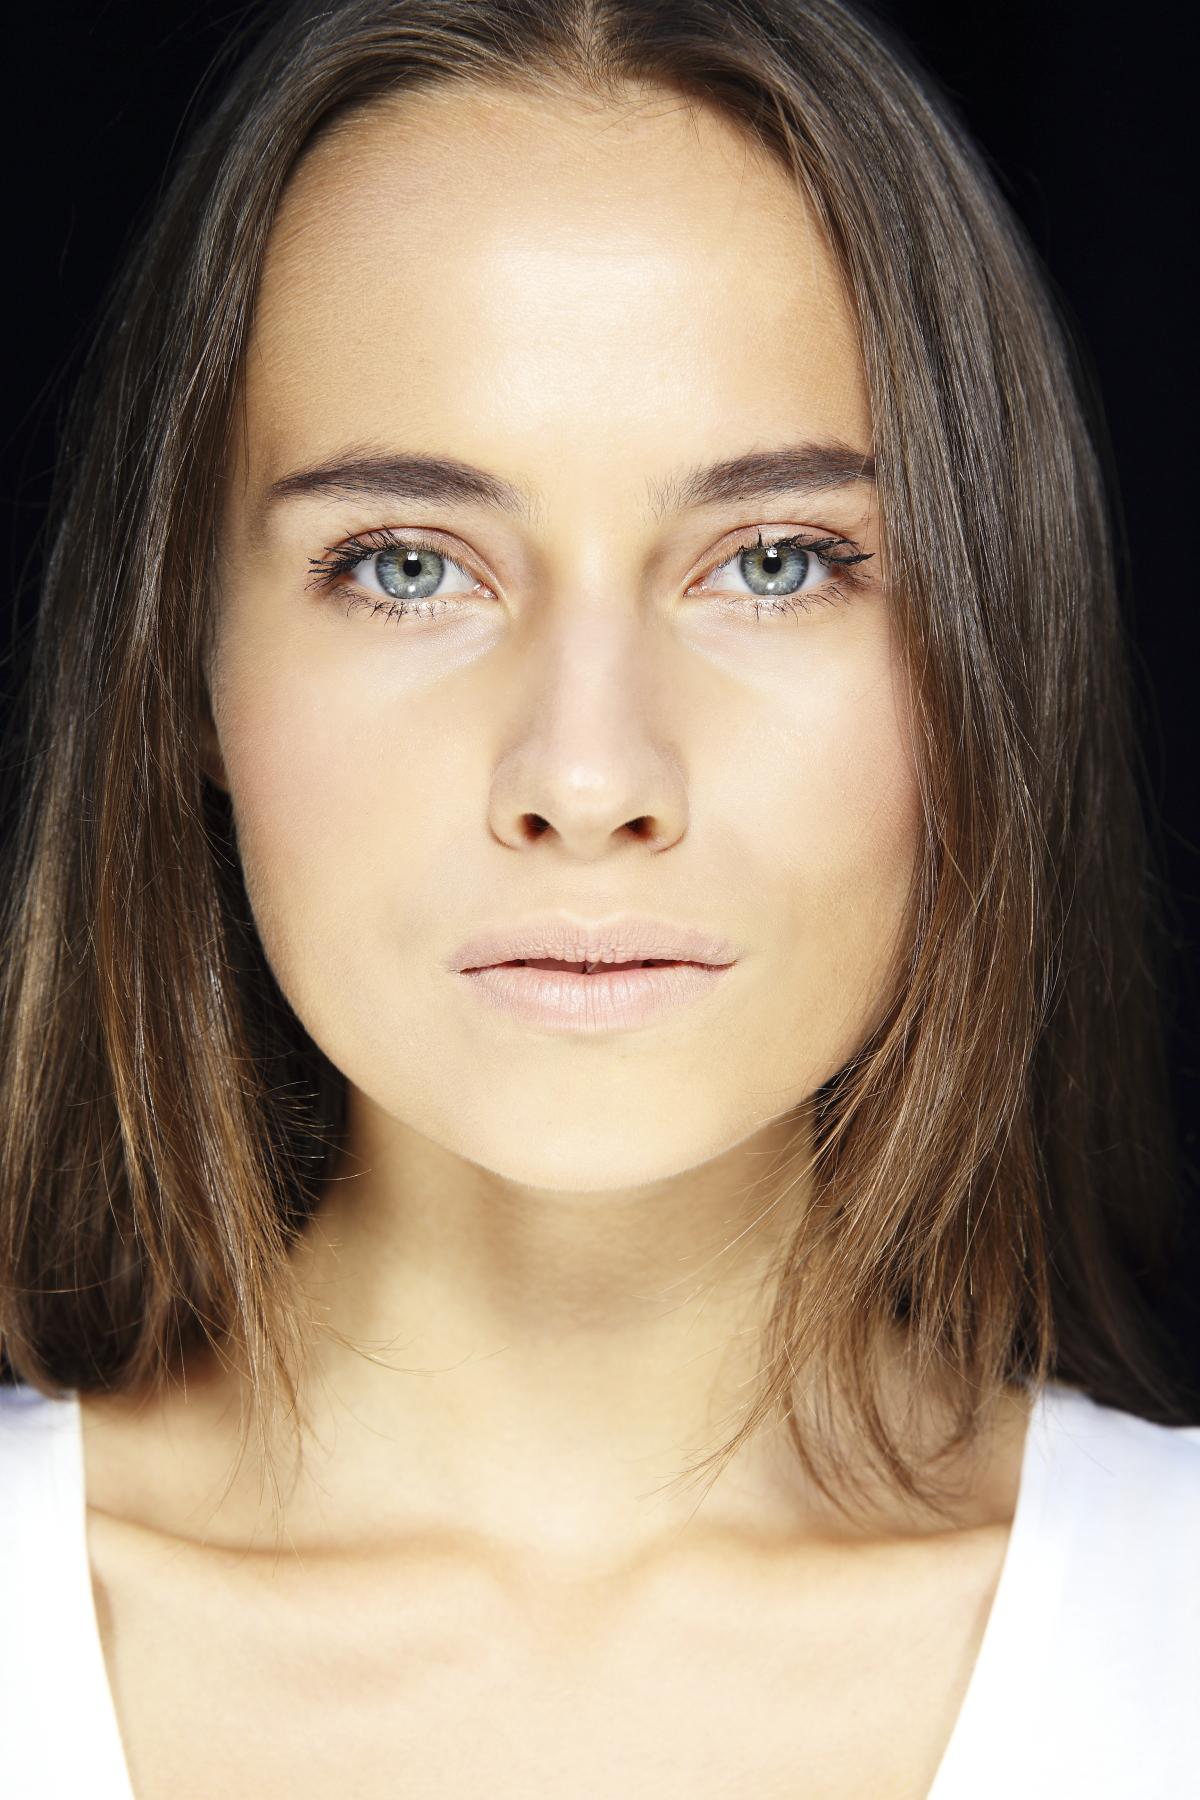 Angelina Kolt From Priscillas Models